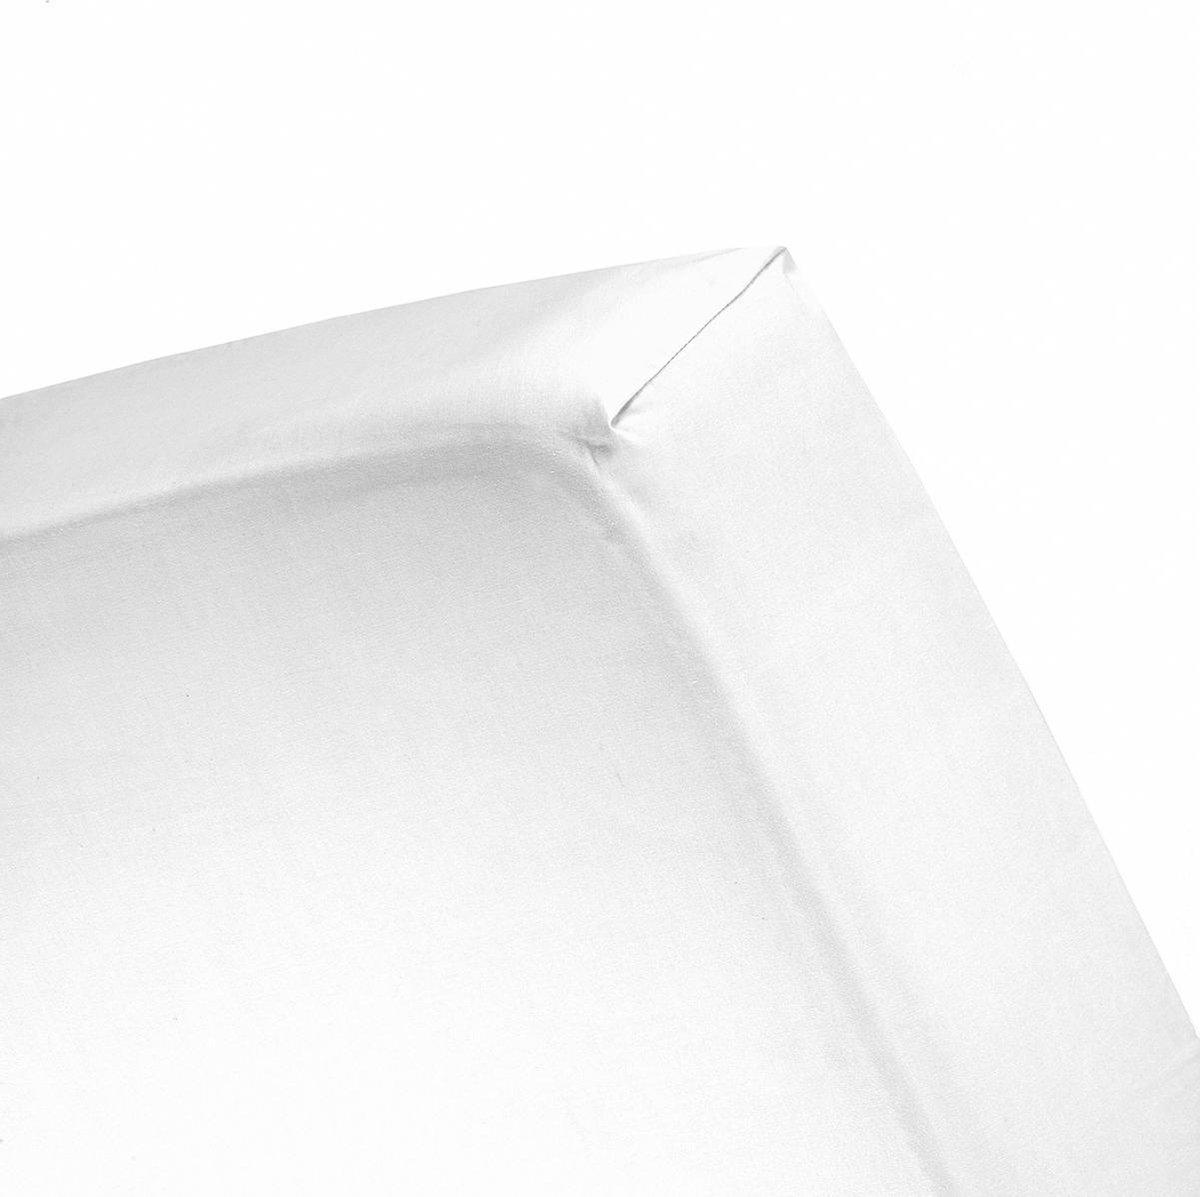 Cinderella Hoeslaken Tot 25 cm dikte - Jersey - 120x200 cm - White